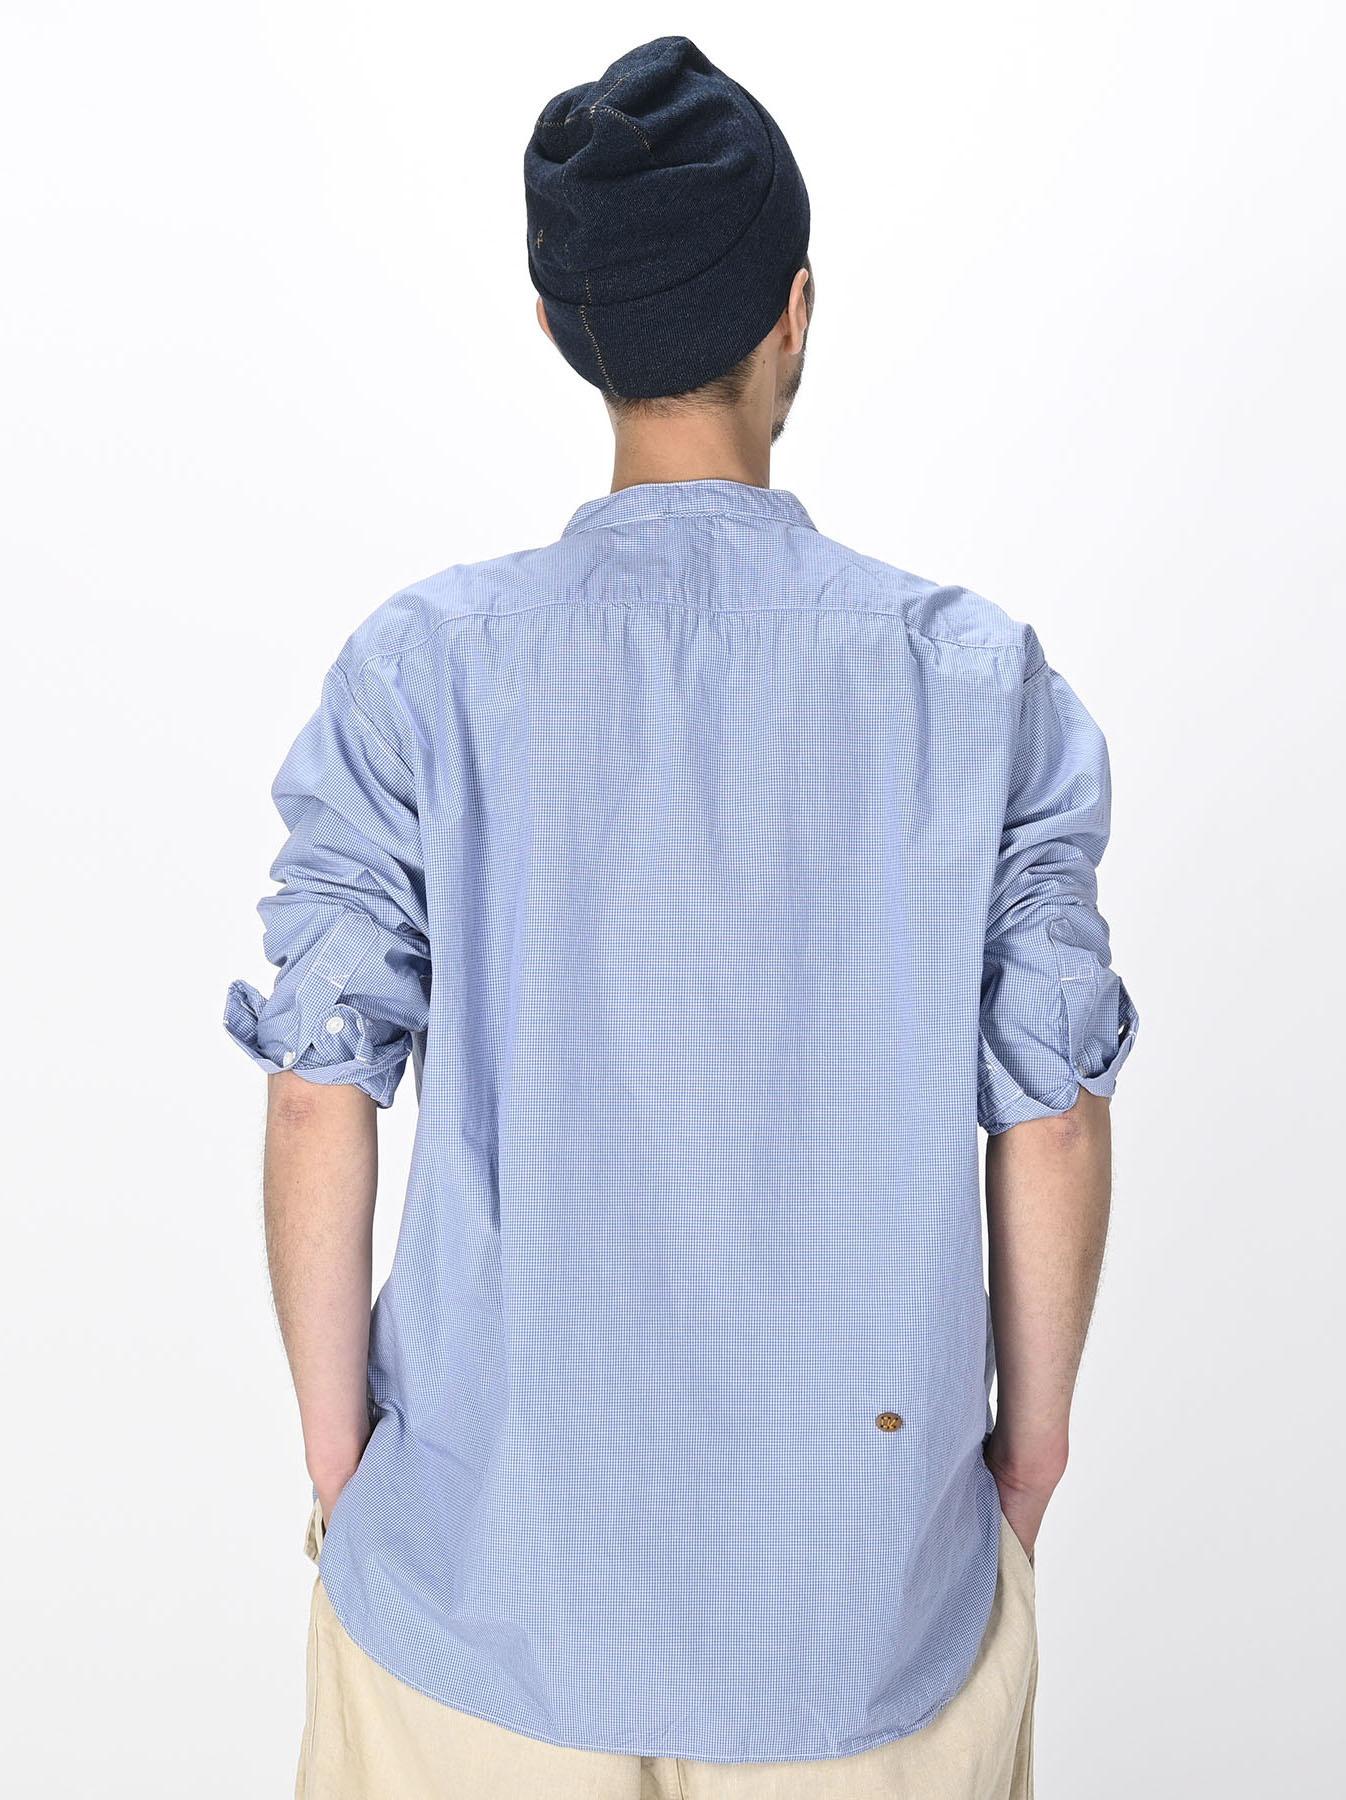 Damp 908 Stand Ocean Shirt(0721)-7